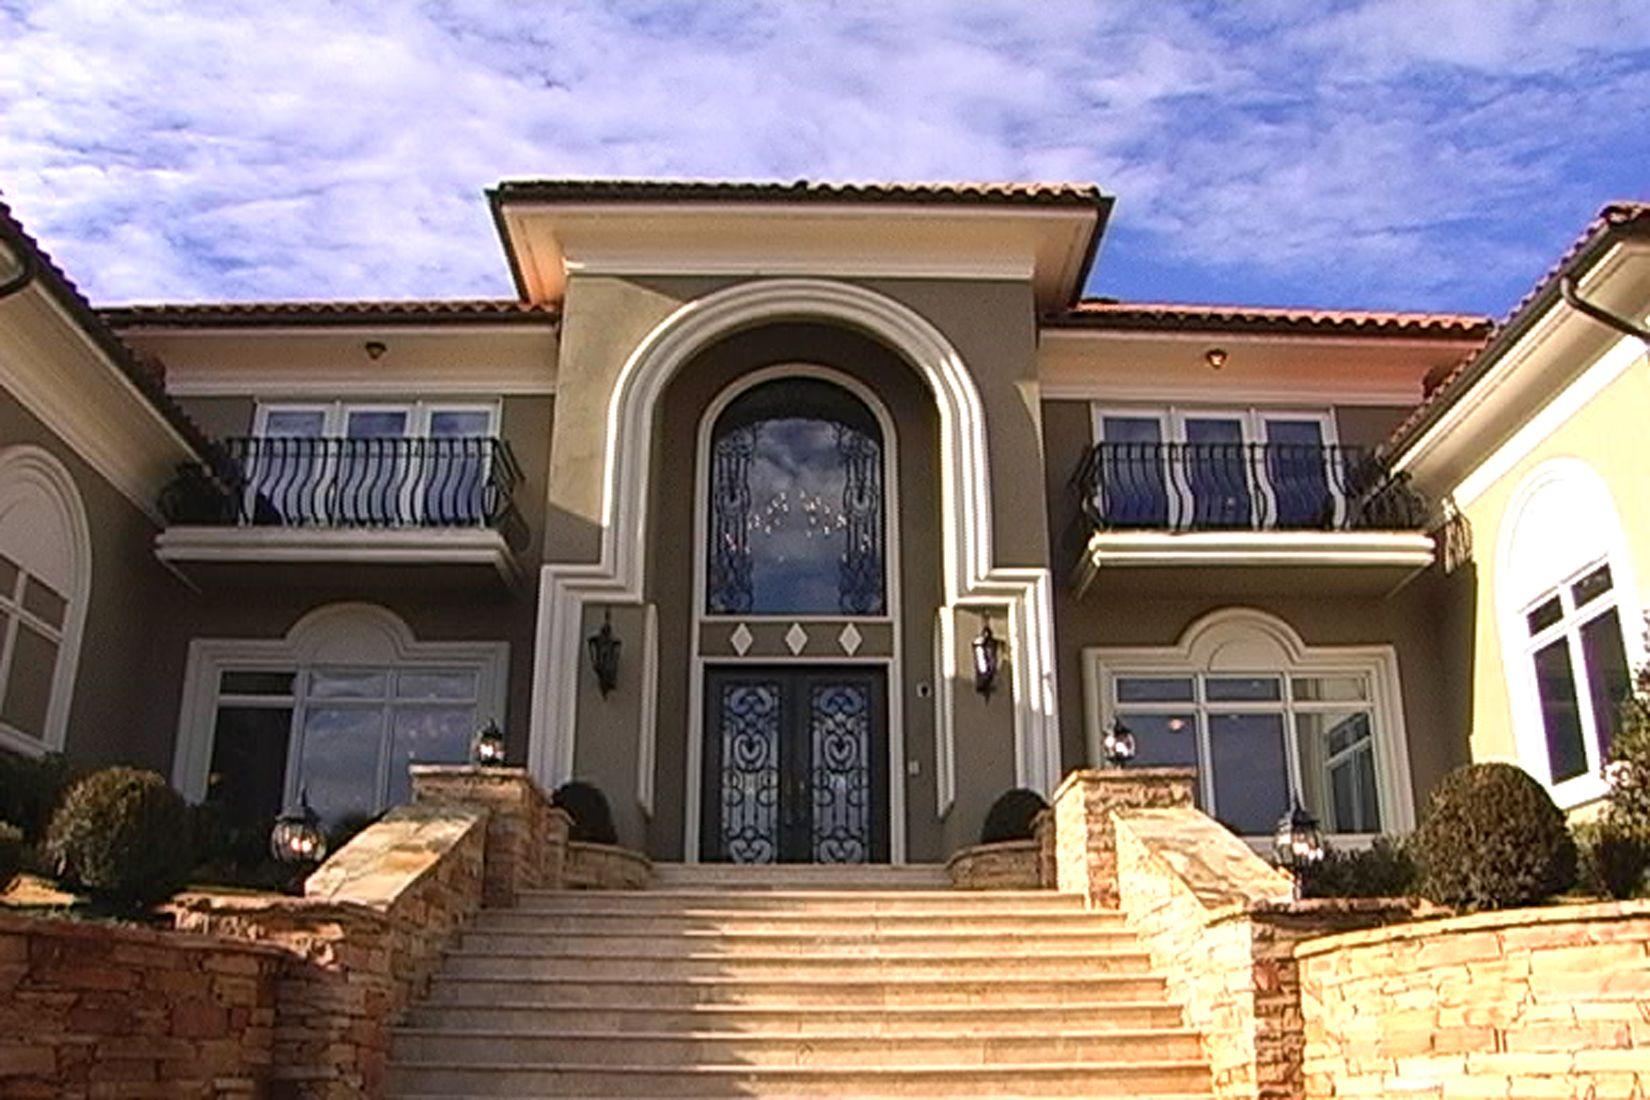 Luxury exterior doors front door and main entry to the home luxury exterior doors front door and main entry to the home rubansaba